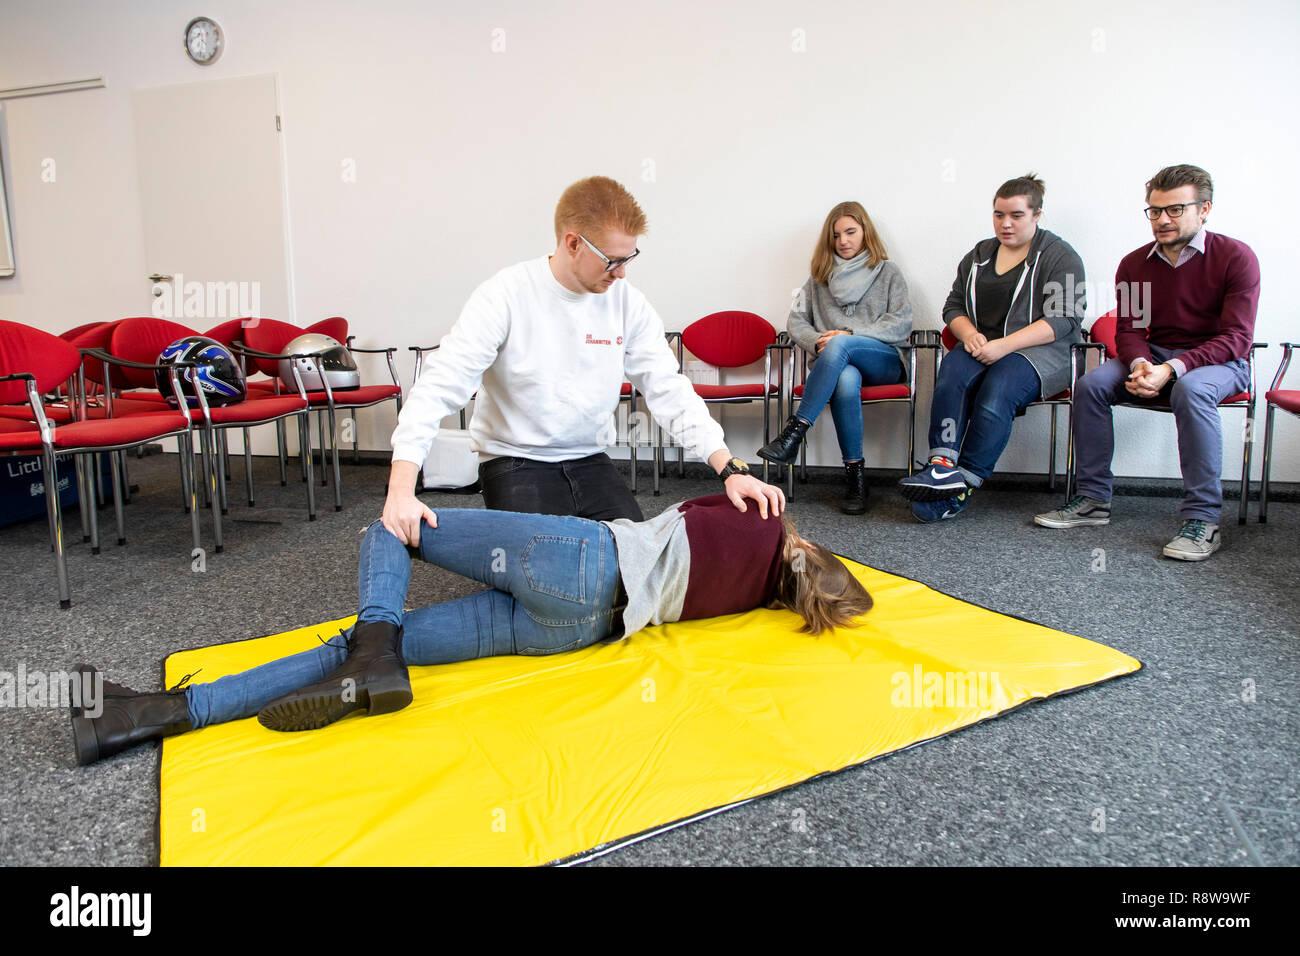 Corso di primo soccorso, di formazione di primo soccorso, emergenze formazione pratica, stabile posizione laterale, Immagini Stock